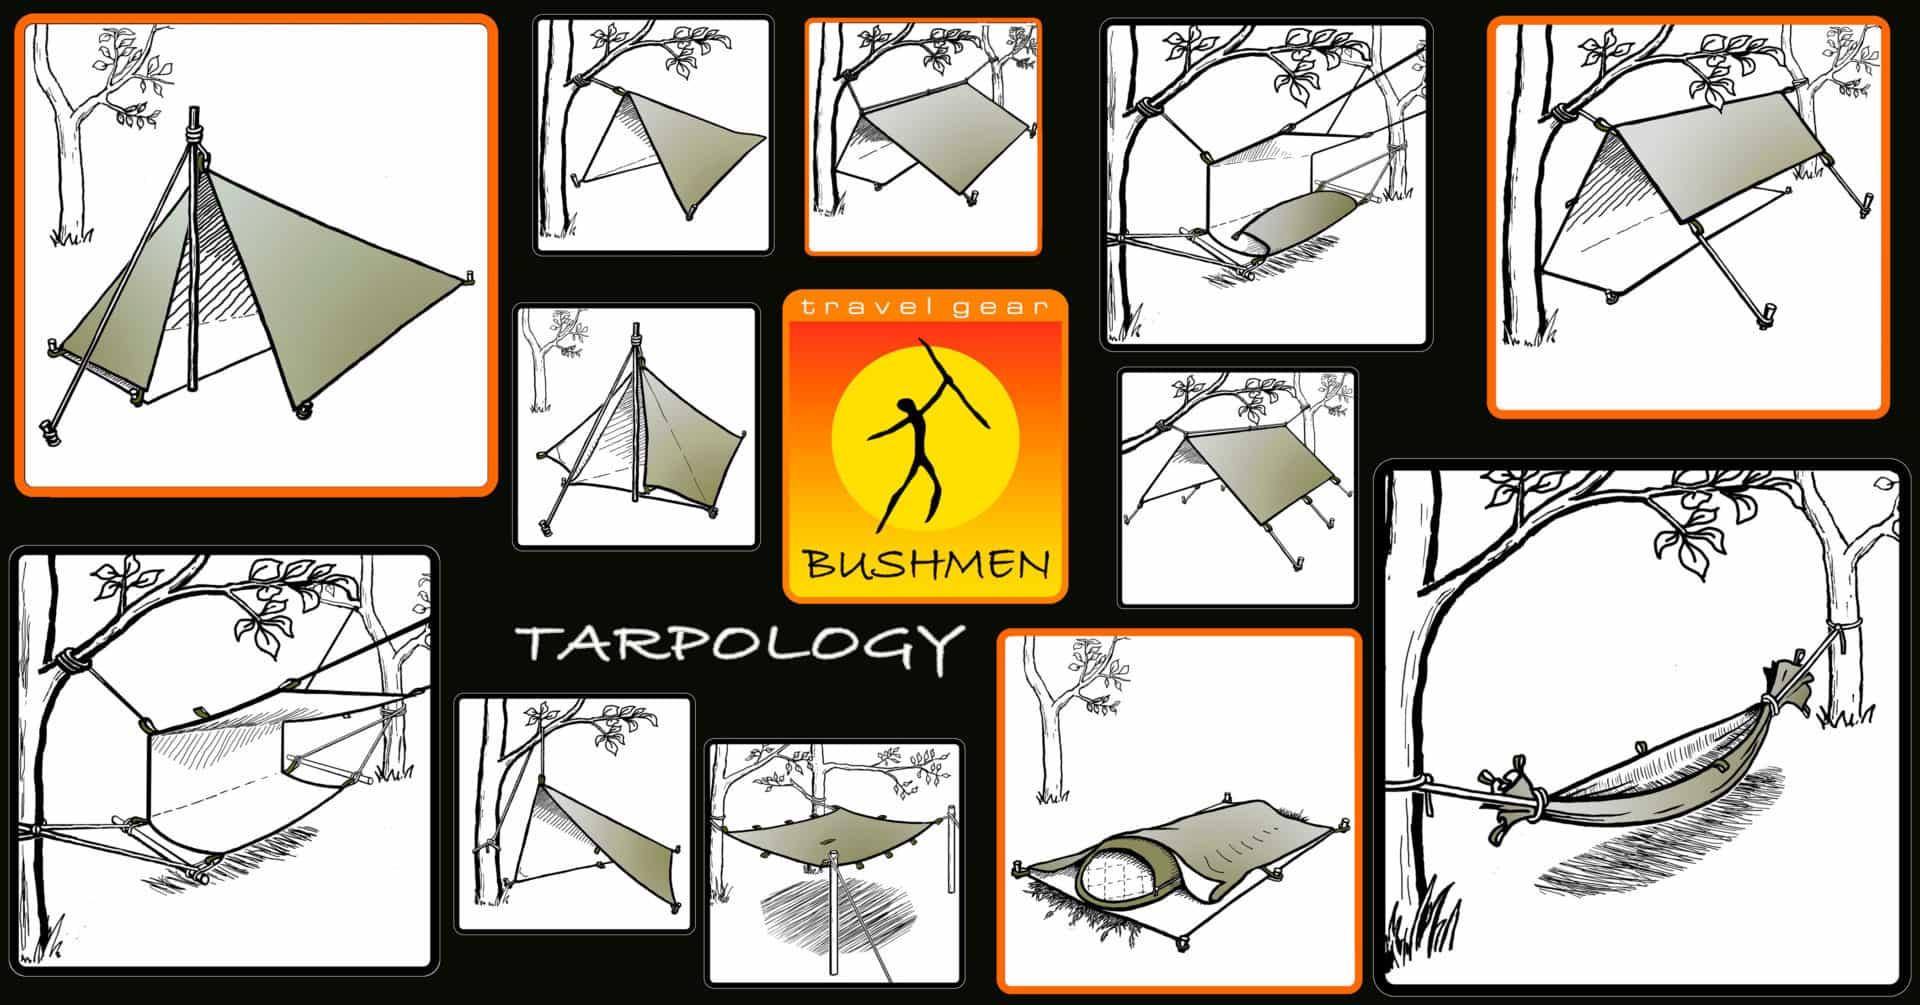 BUSHMEN Thermo – Tarpology